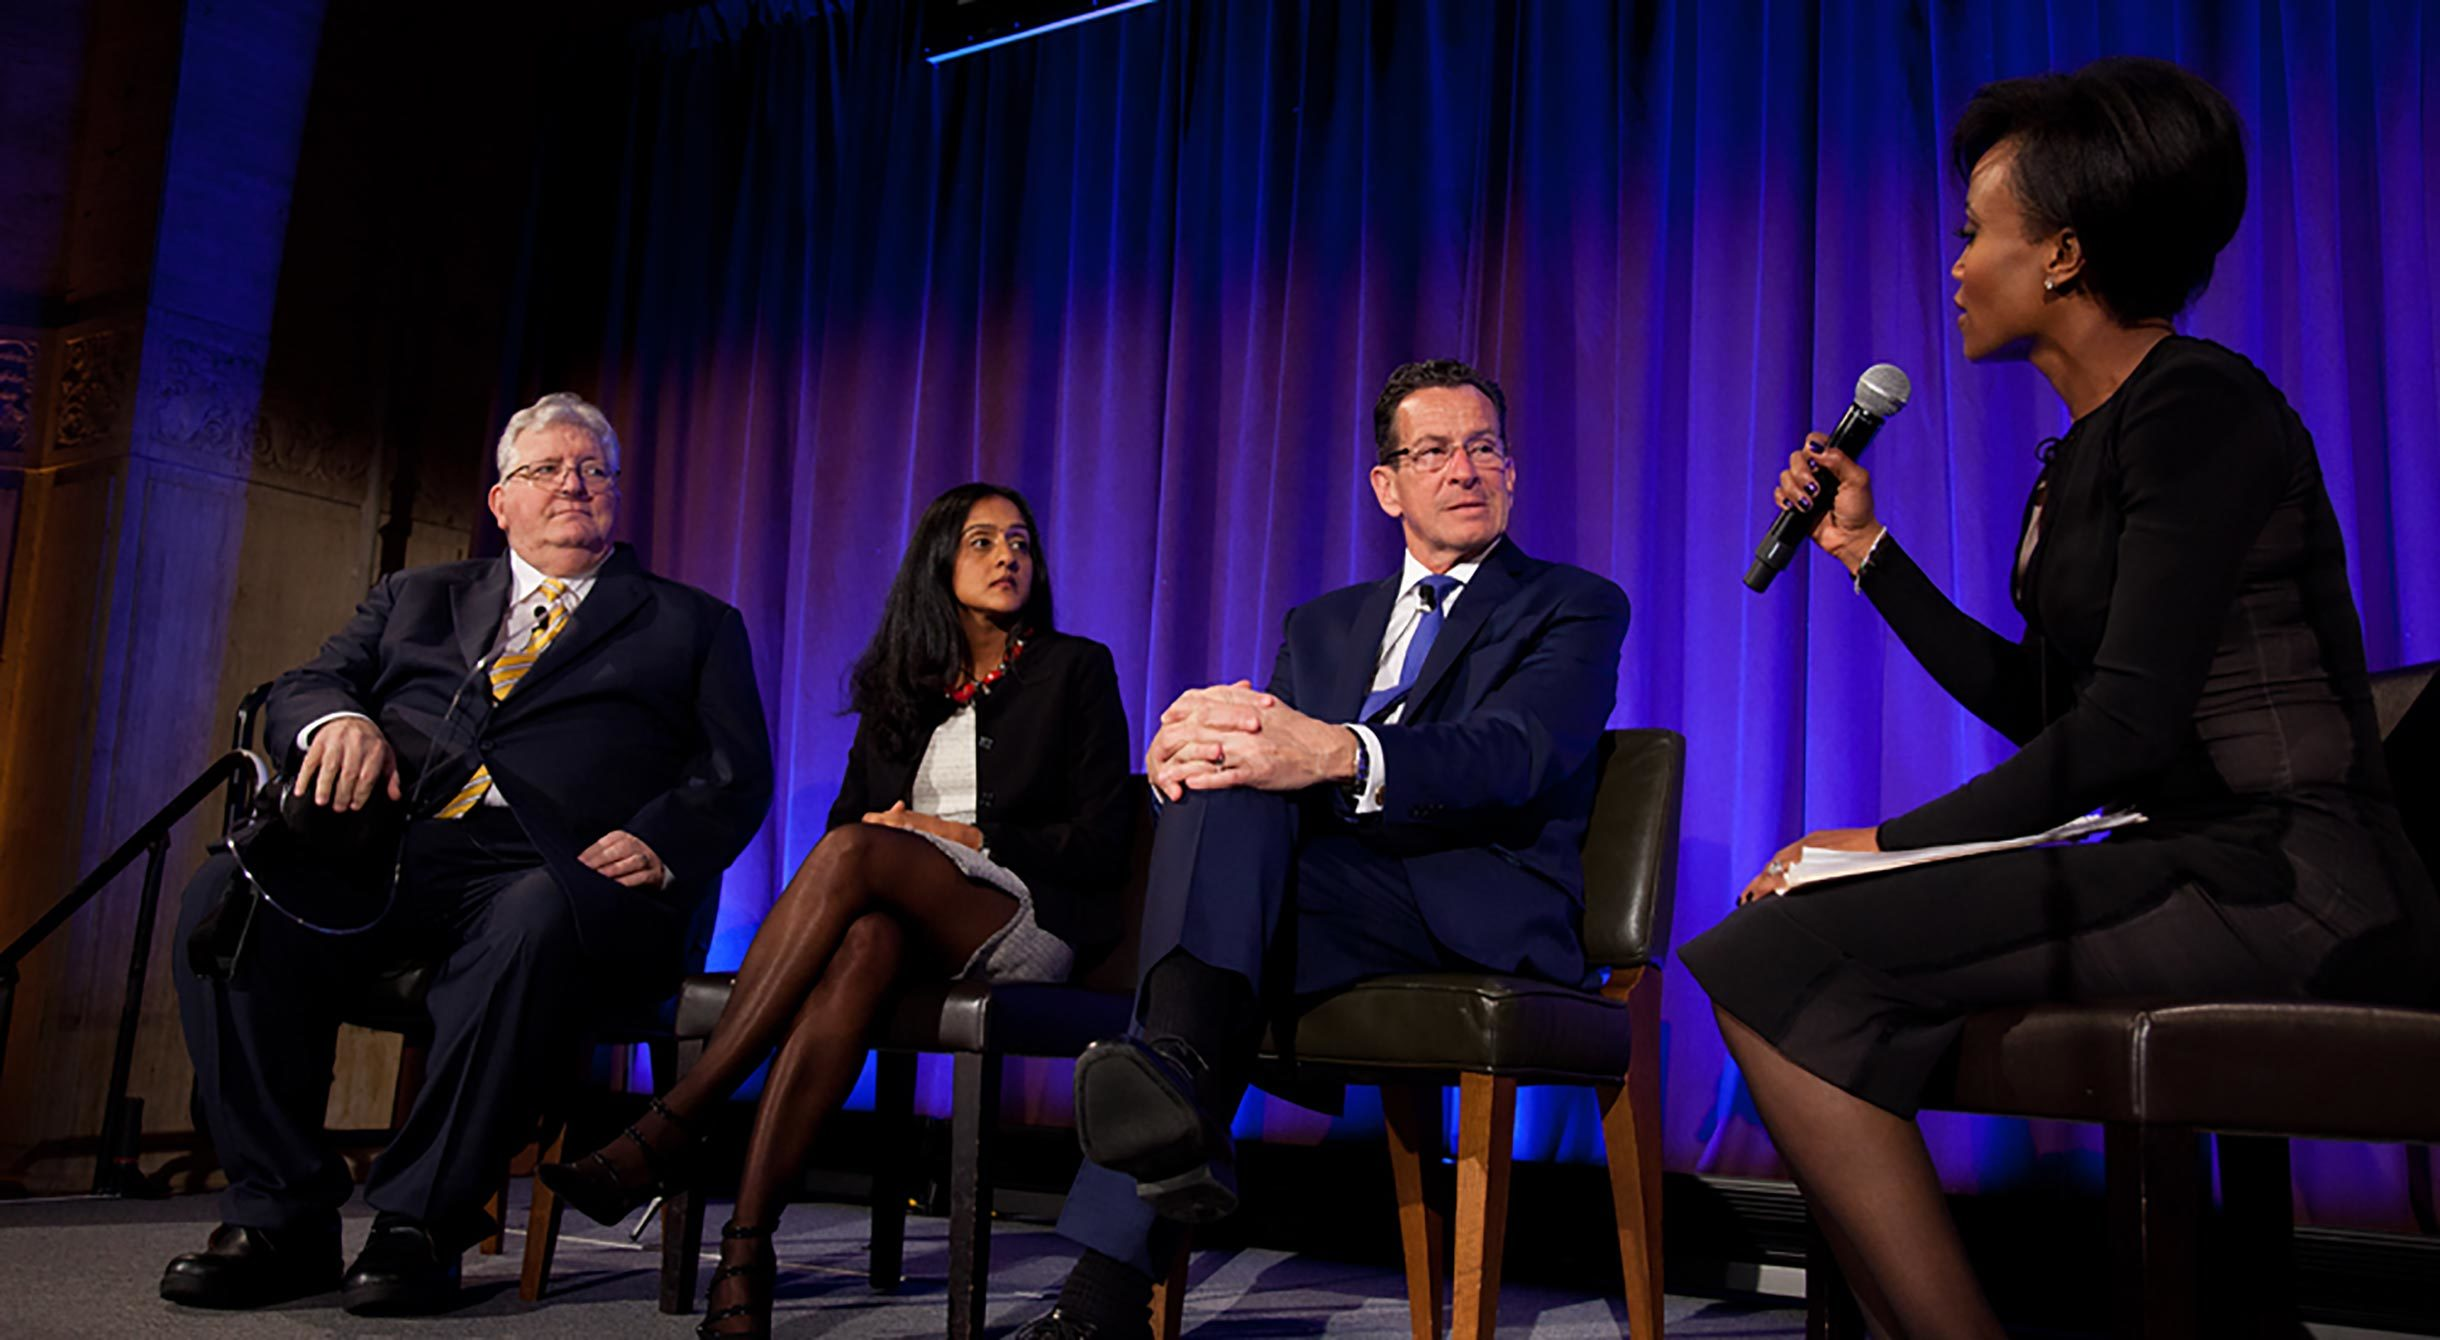 Gala2017 Panel